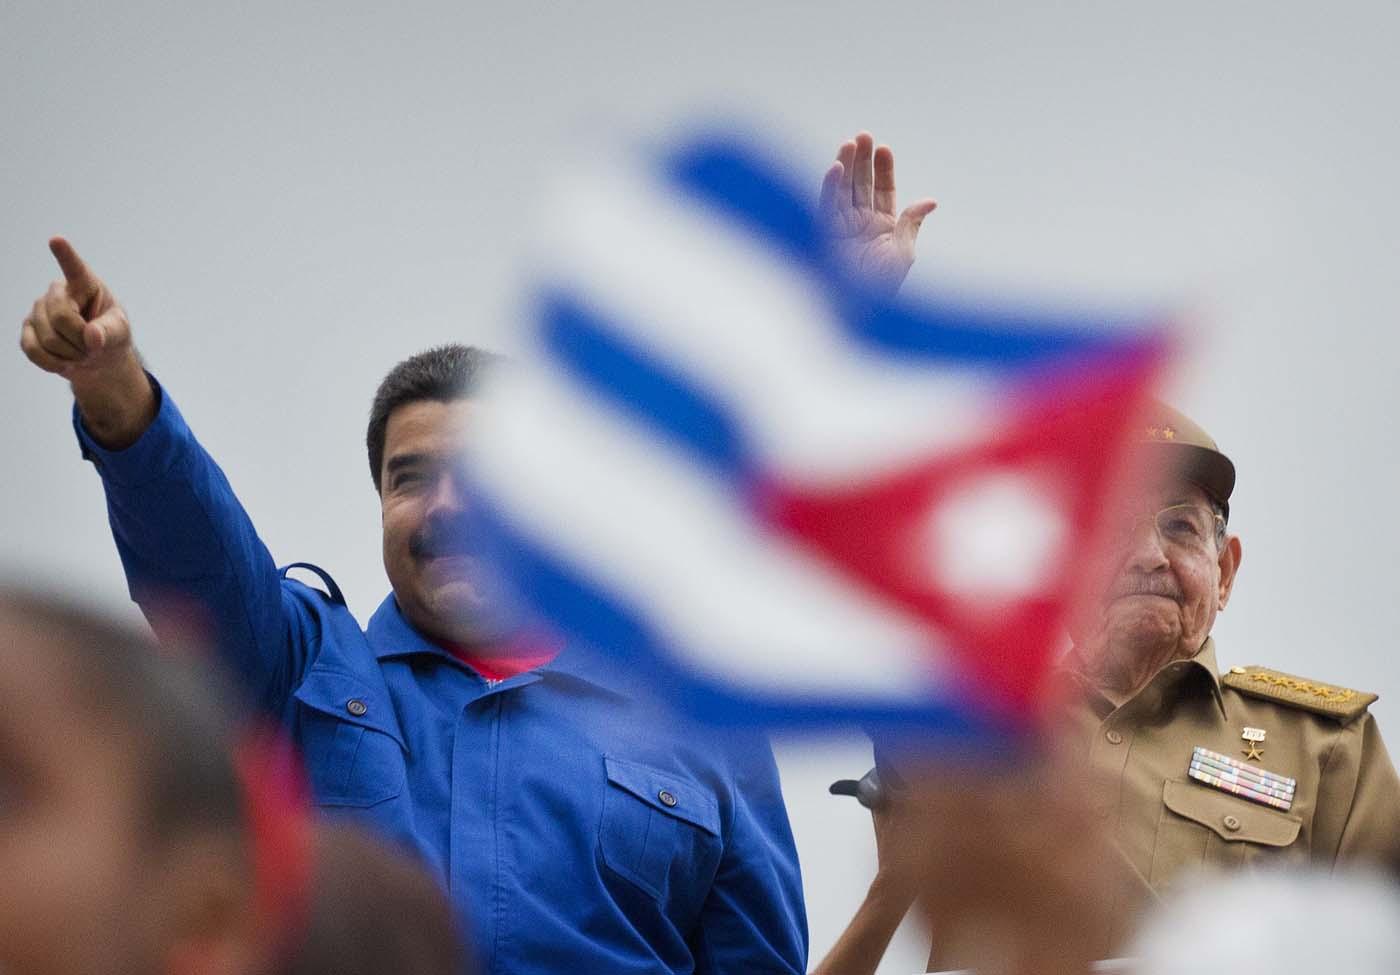 El presidente de Venezuela Nicolás Maduro, izquierda, y el presidente de Cuba Raúl Castro, saludan a marchistas mientras desfilan por la Plaza de la Revolución para festejar el 1 de mayo de 2015 en La Habana, Cuba. Miles de personas se reunieron en la plaza para la marcha tradicional, dirigida este año por los dos líderes. (Foto AP/Ramón Espinosa, Archivo)